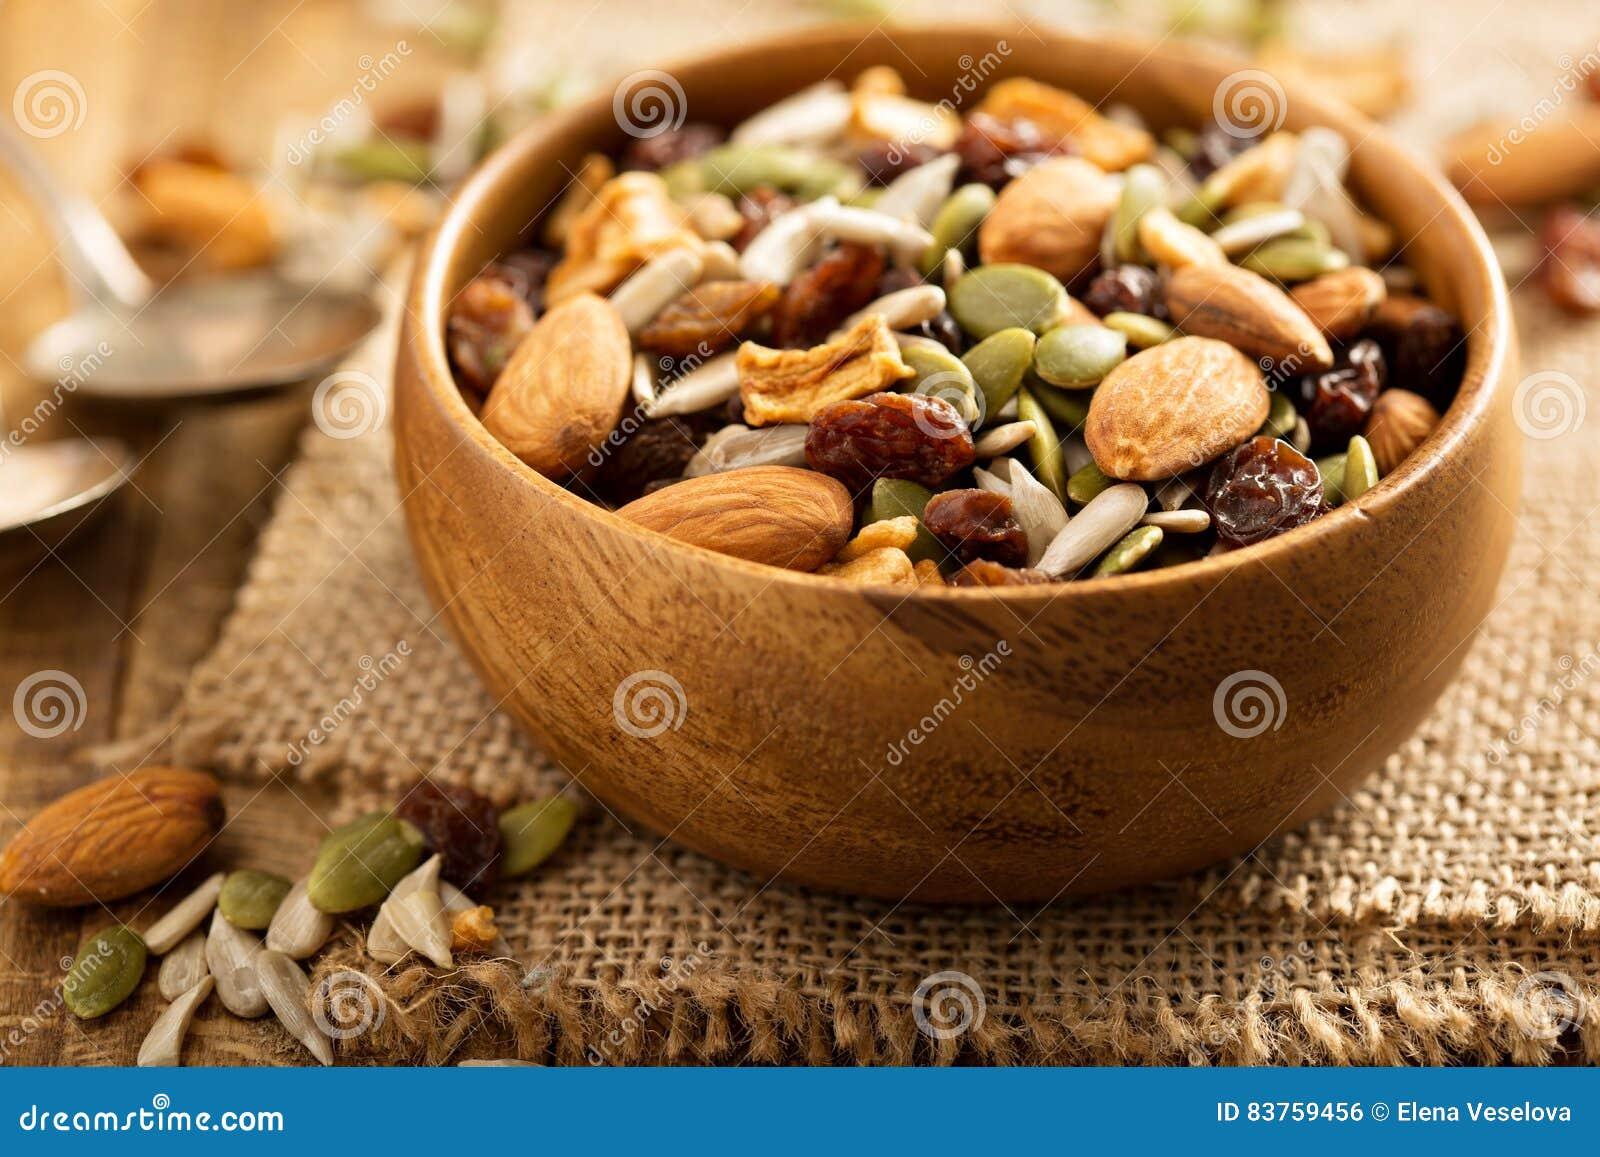 Gedroogd fruit en van de notensleep mengeling